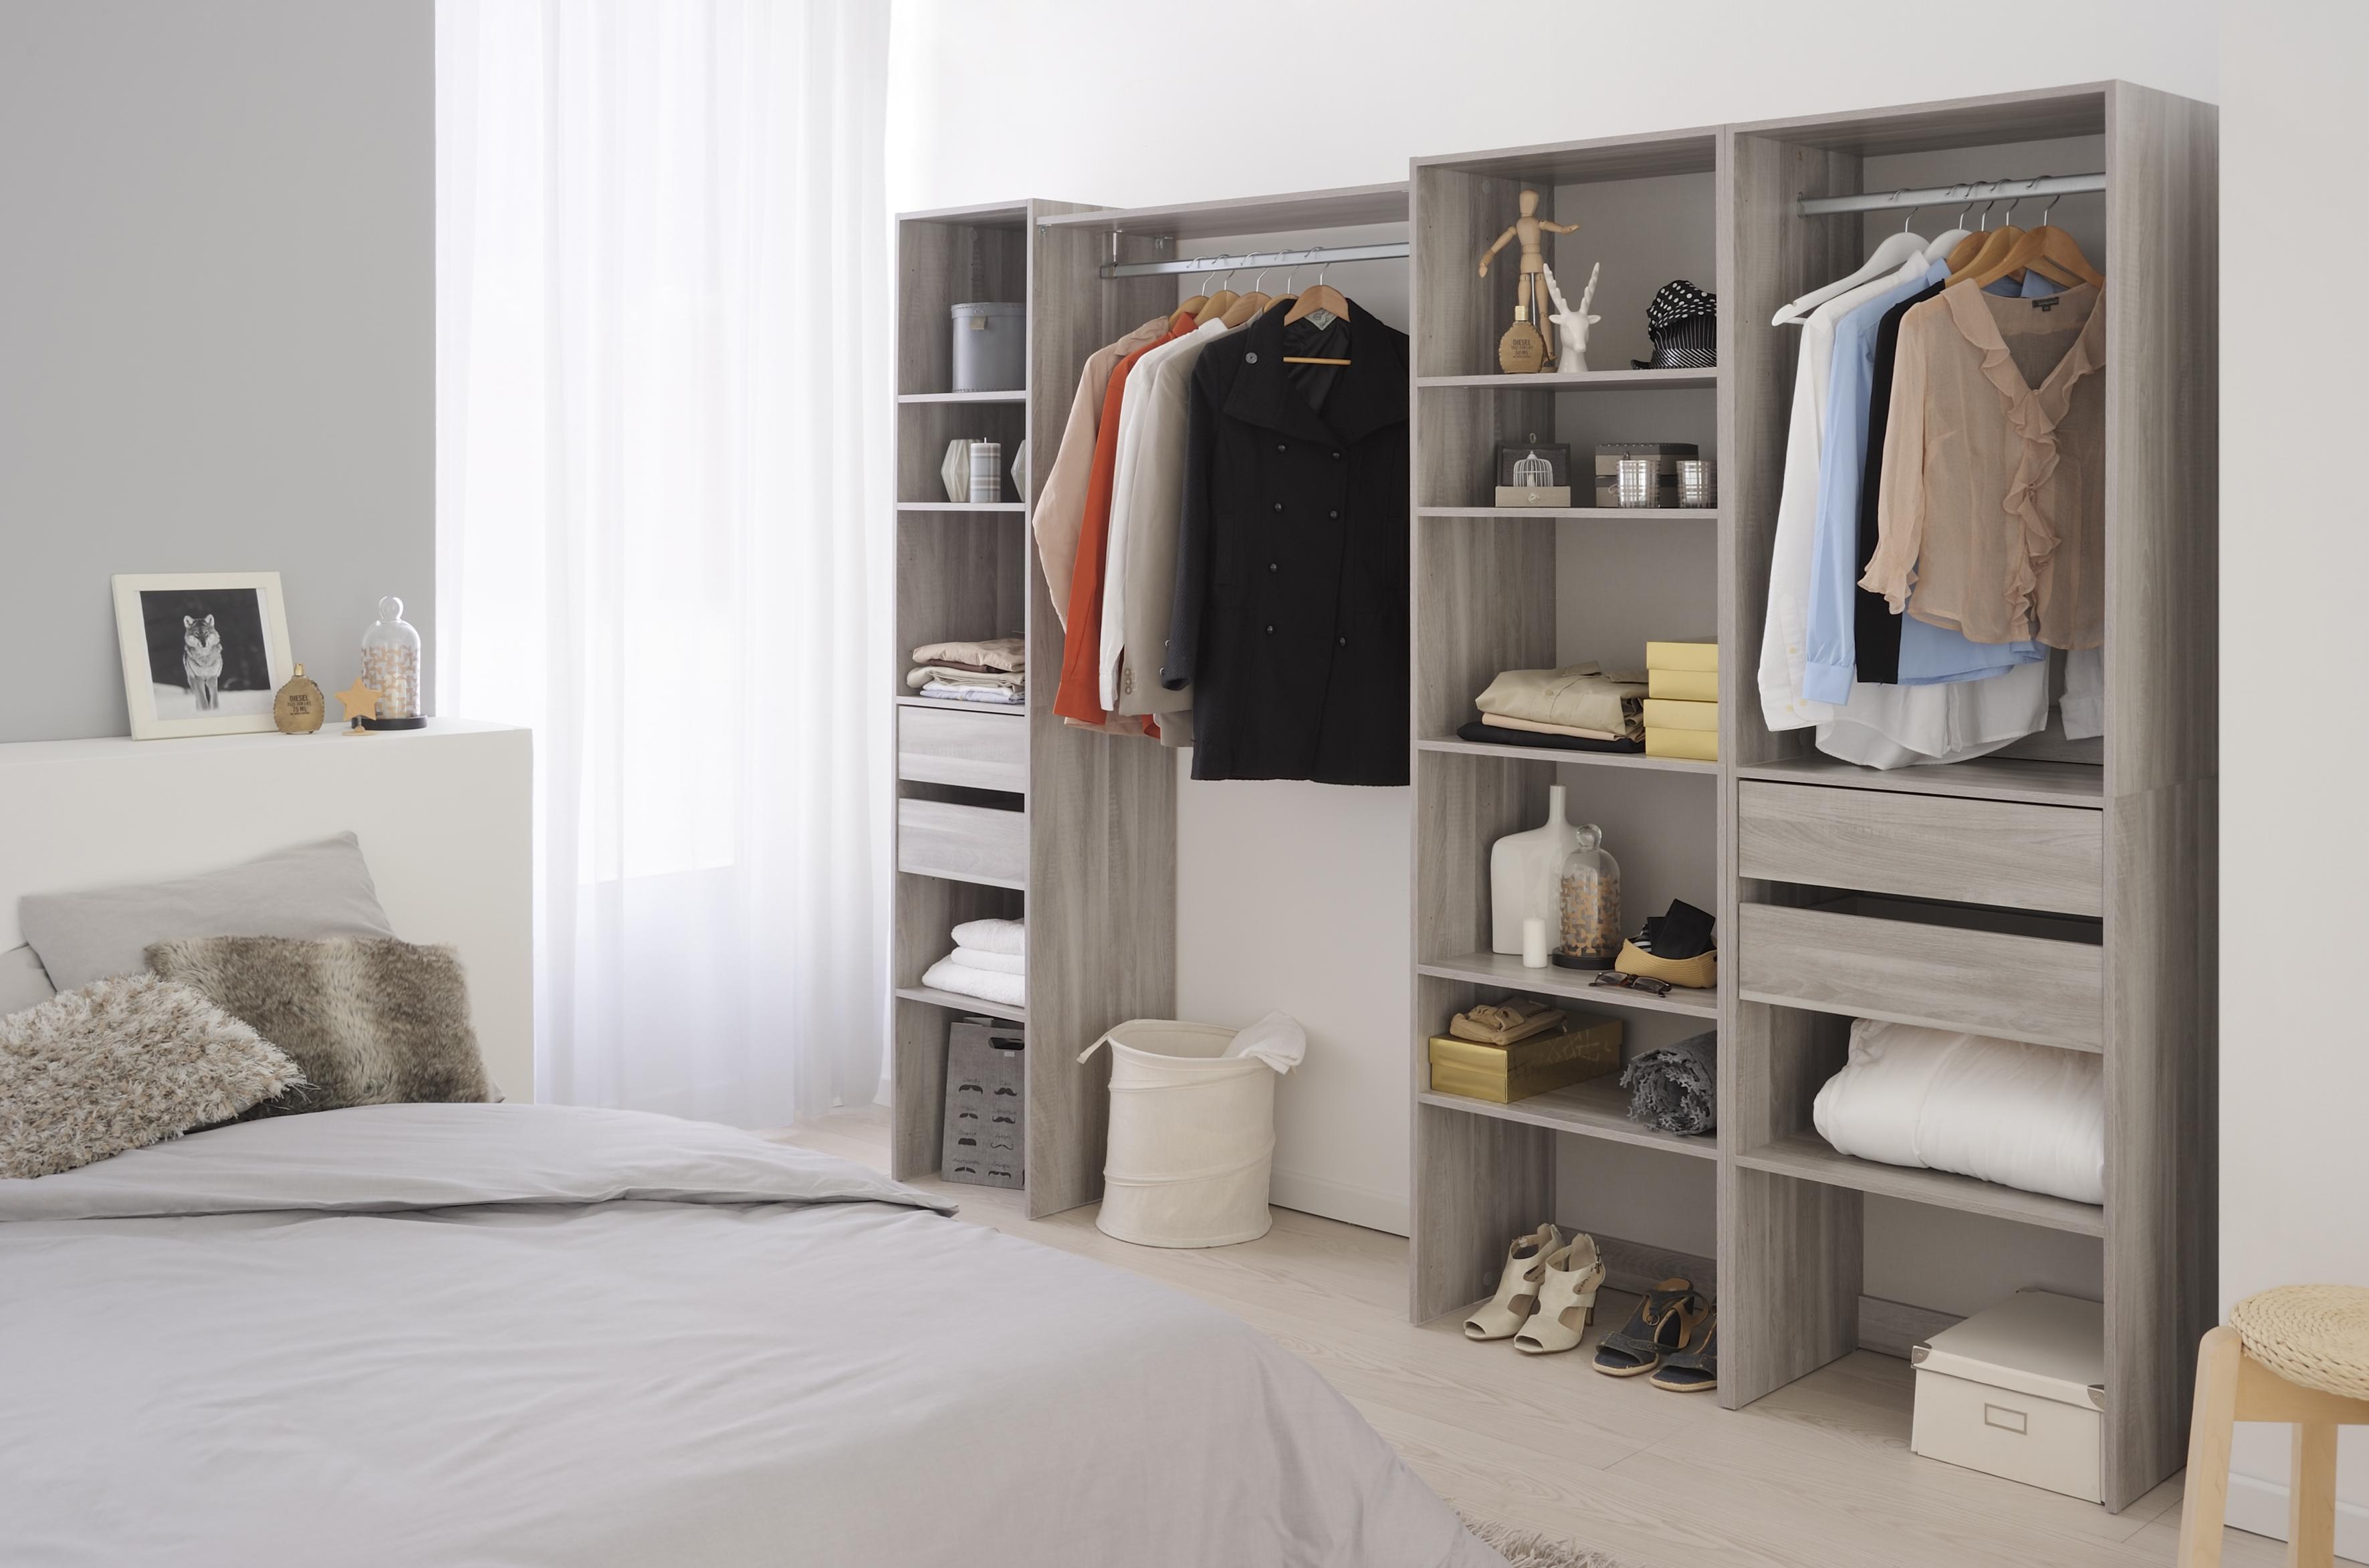 Parisot Leader Français Du Meuble En Kit Depuis - Parisot bedroom furniture